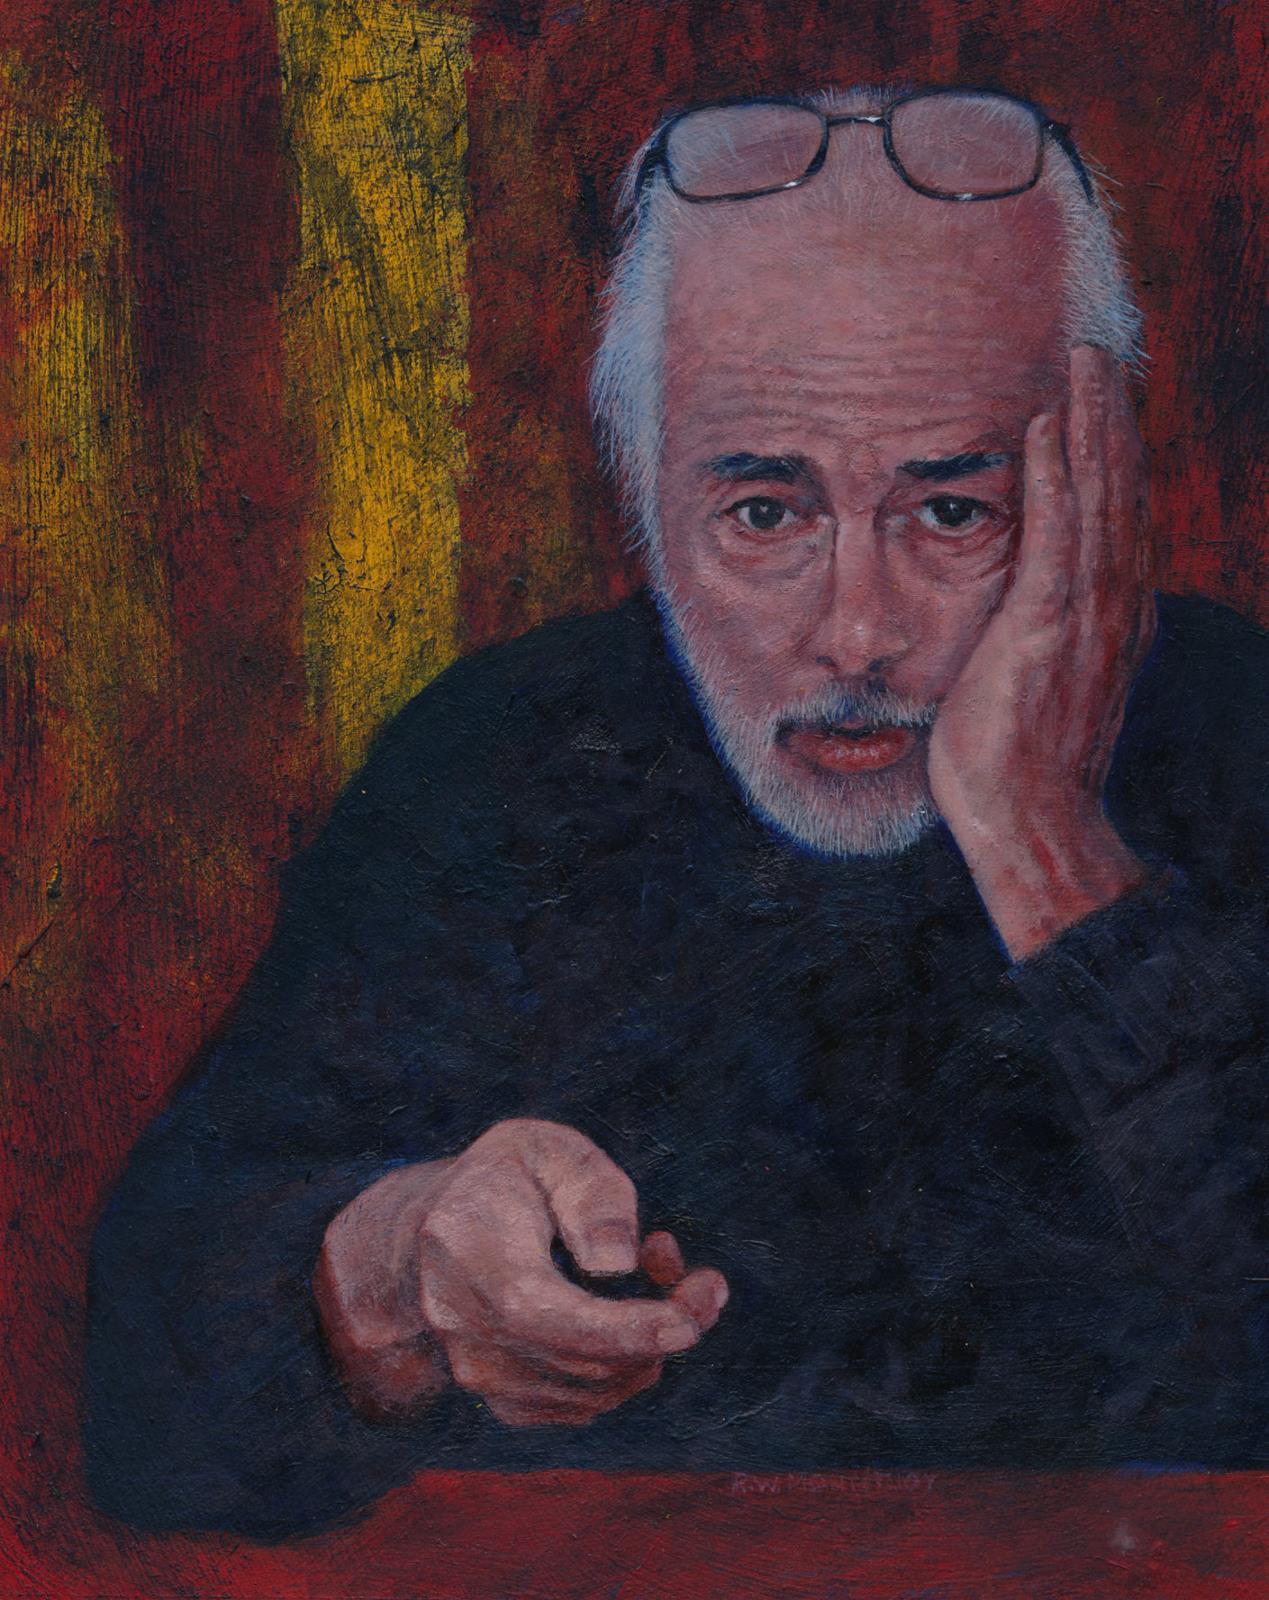 Self Portrait in Lockdown